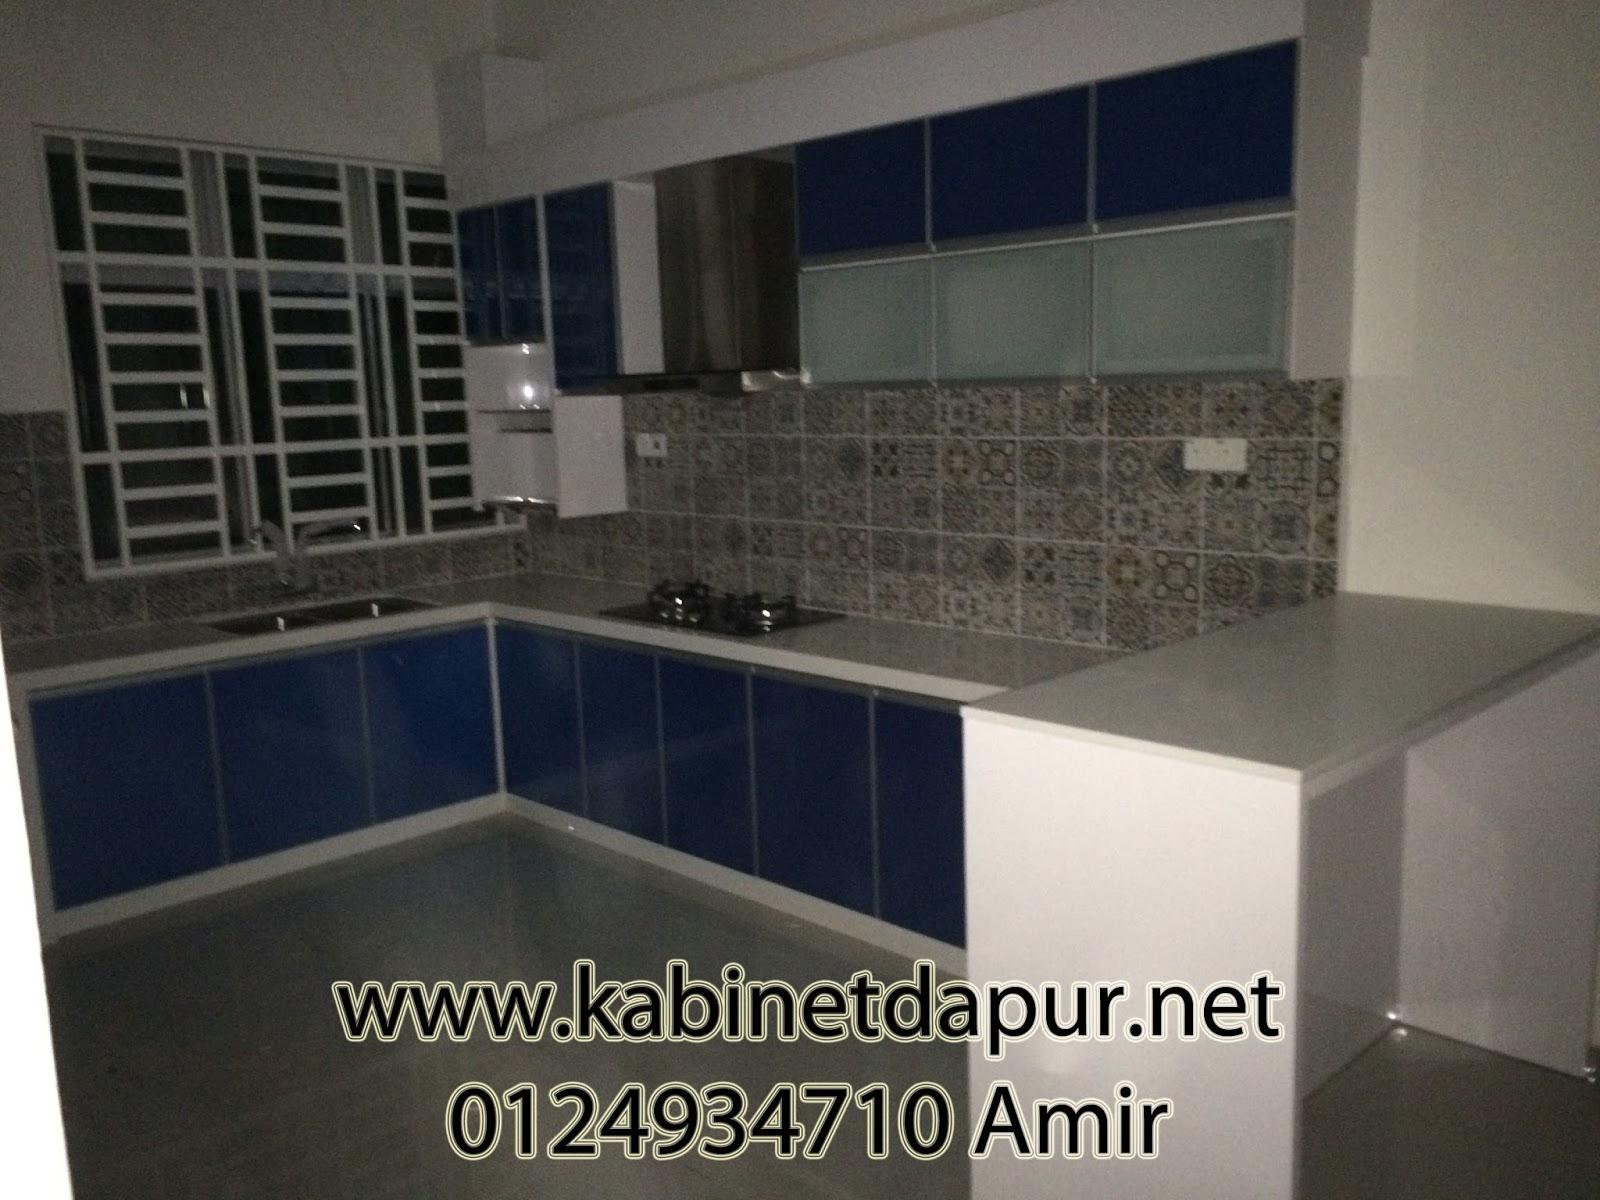 Projek Kabinet Dapur Di Taman Sri Tanjung Alor Setar